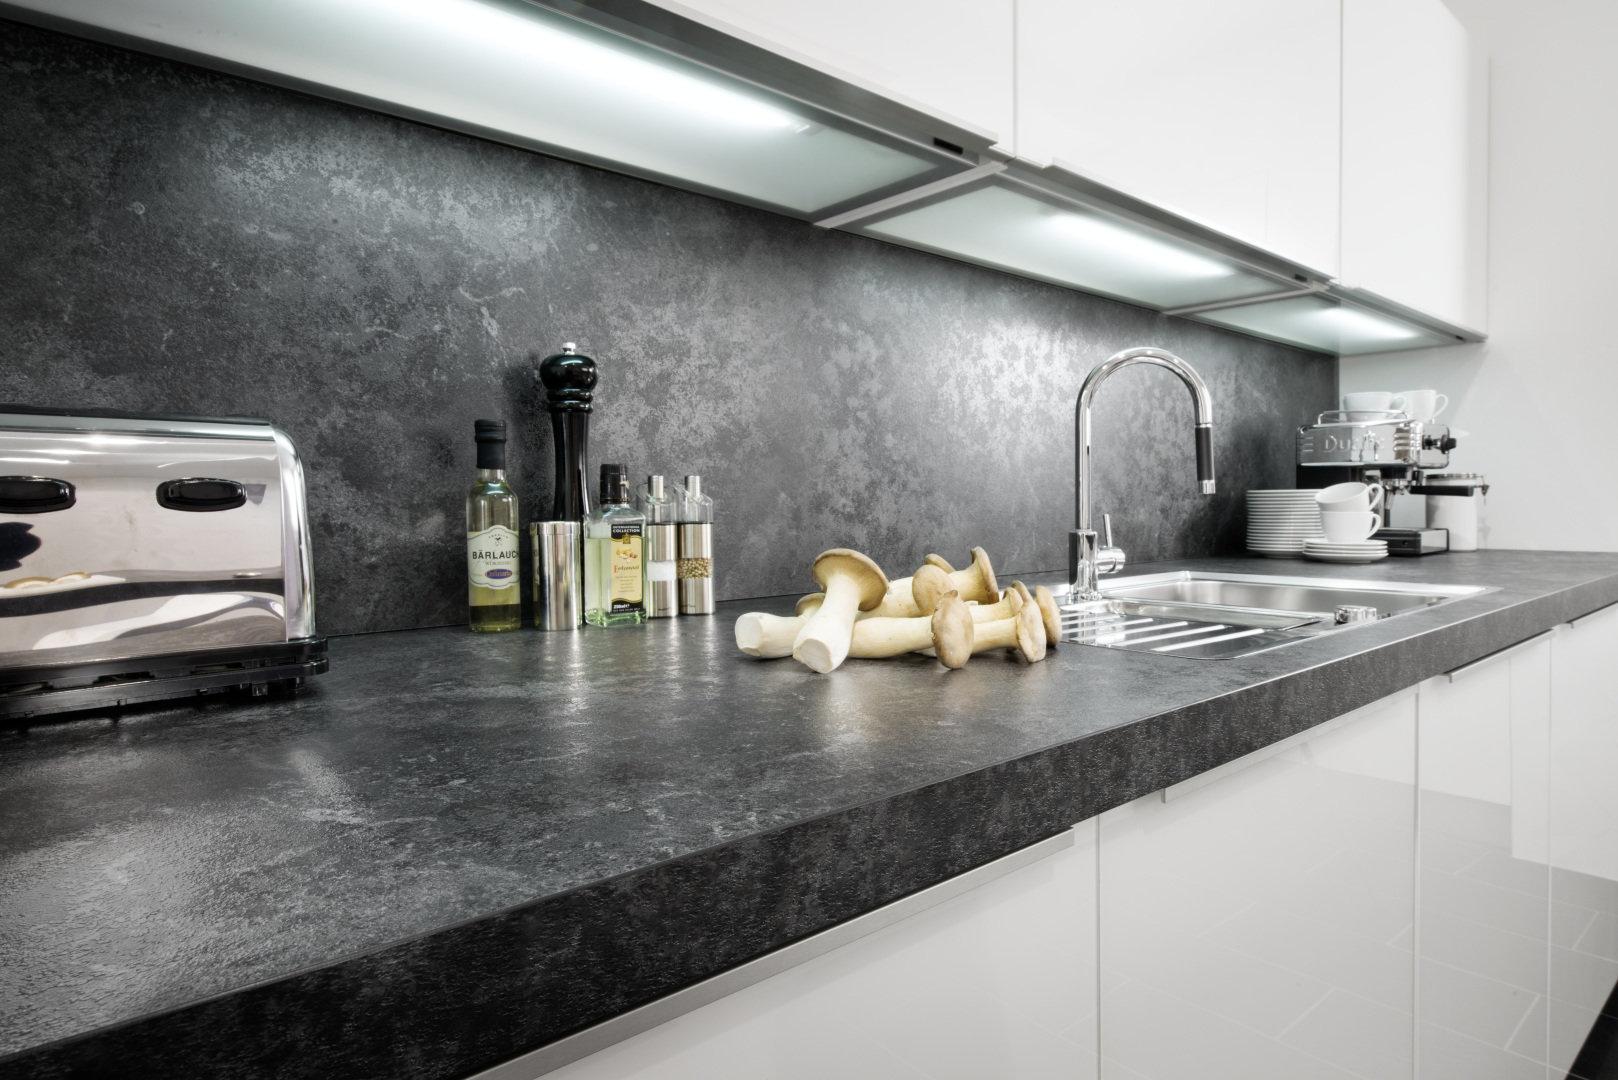 Full Size of Java Schiefer Arbeitsplatte Detailaufnahme Lichtunterbden Küche Arbeitsplatten Sideboard Mit Wohnzimmer Java Schiefer Arbeitsplatte